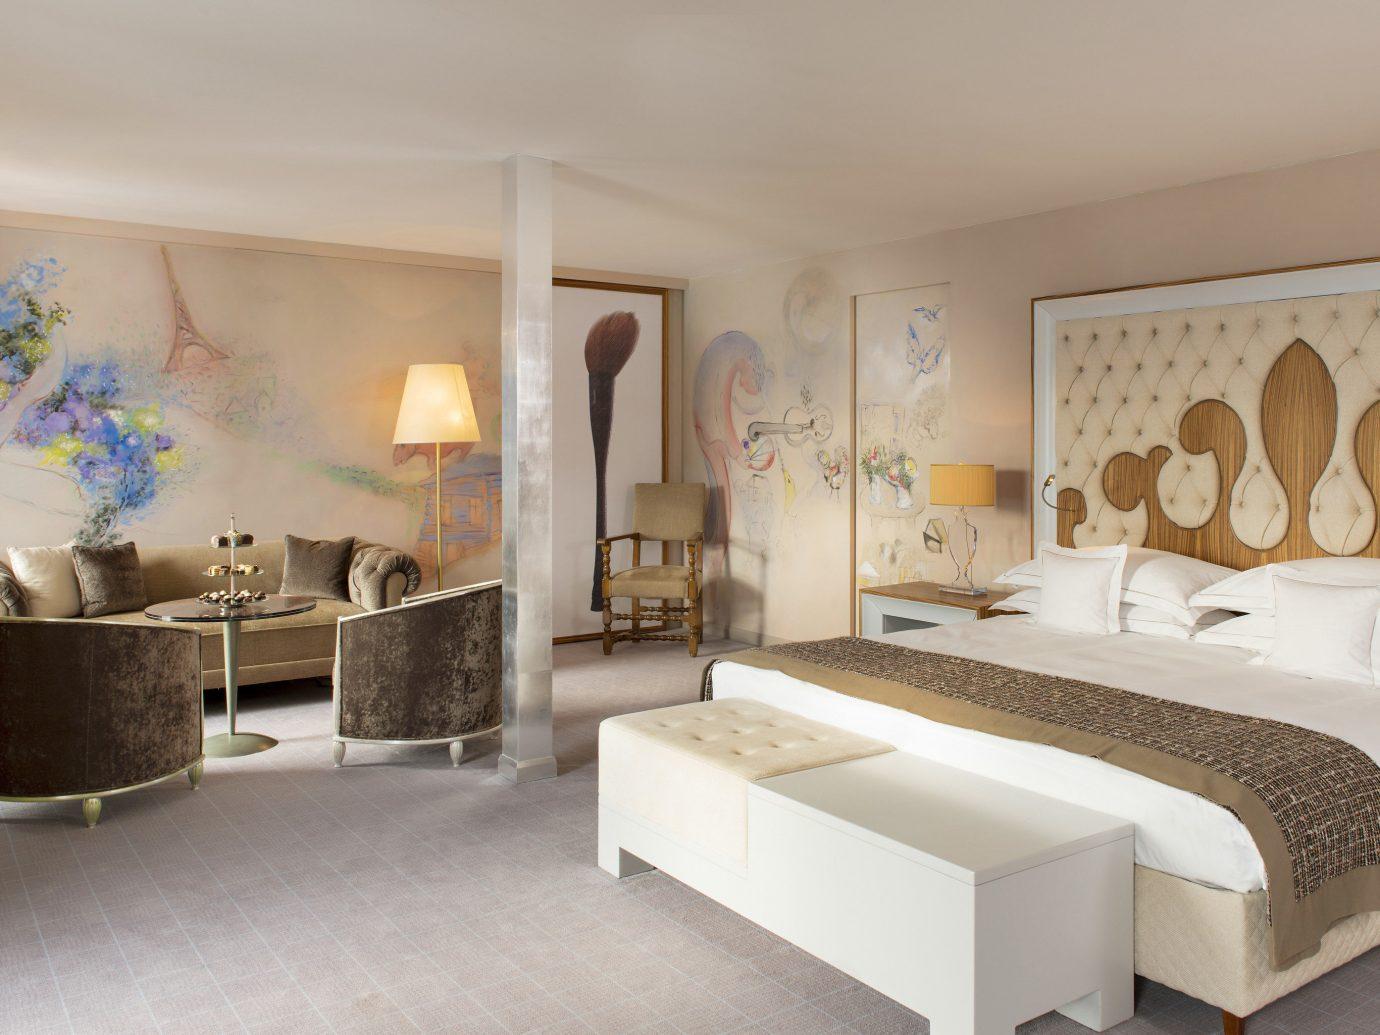 Bedroom at Carlton Hotel St. Moritz